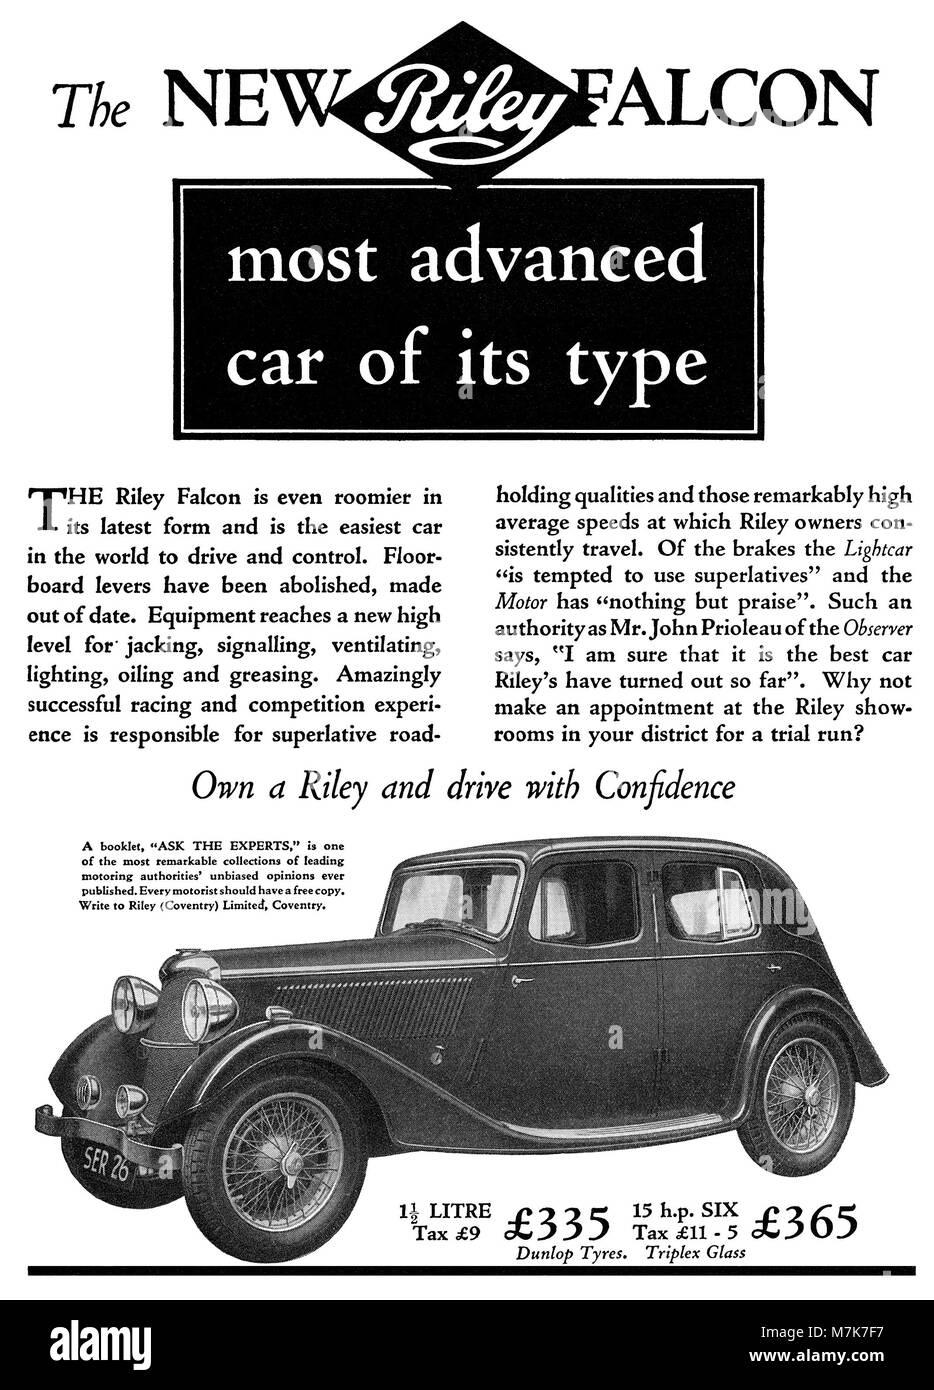 Vintage Riley Motor Car Stock Photos & Vintage Riley Motor Car Stock ...